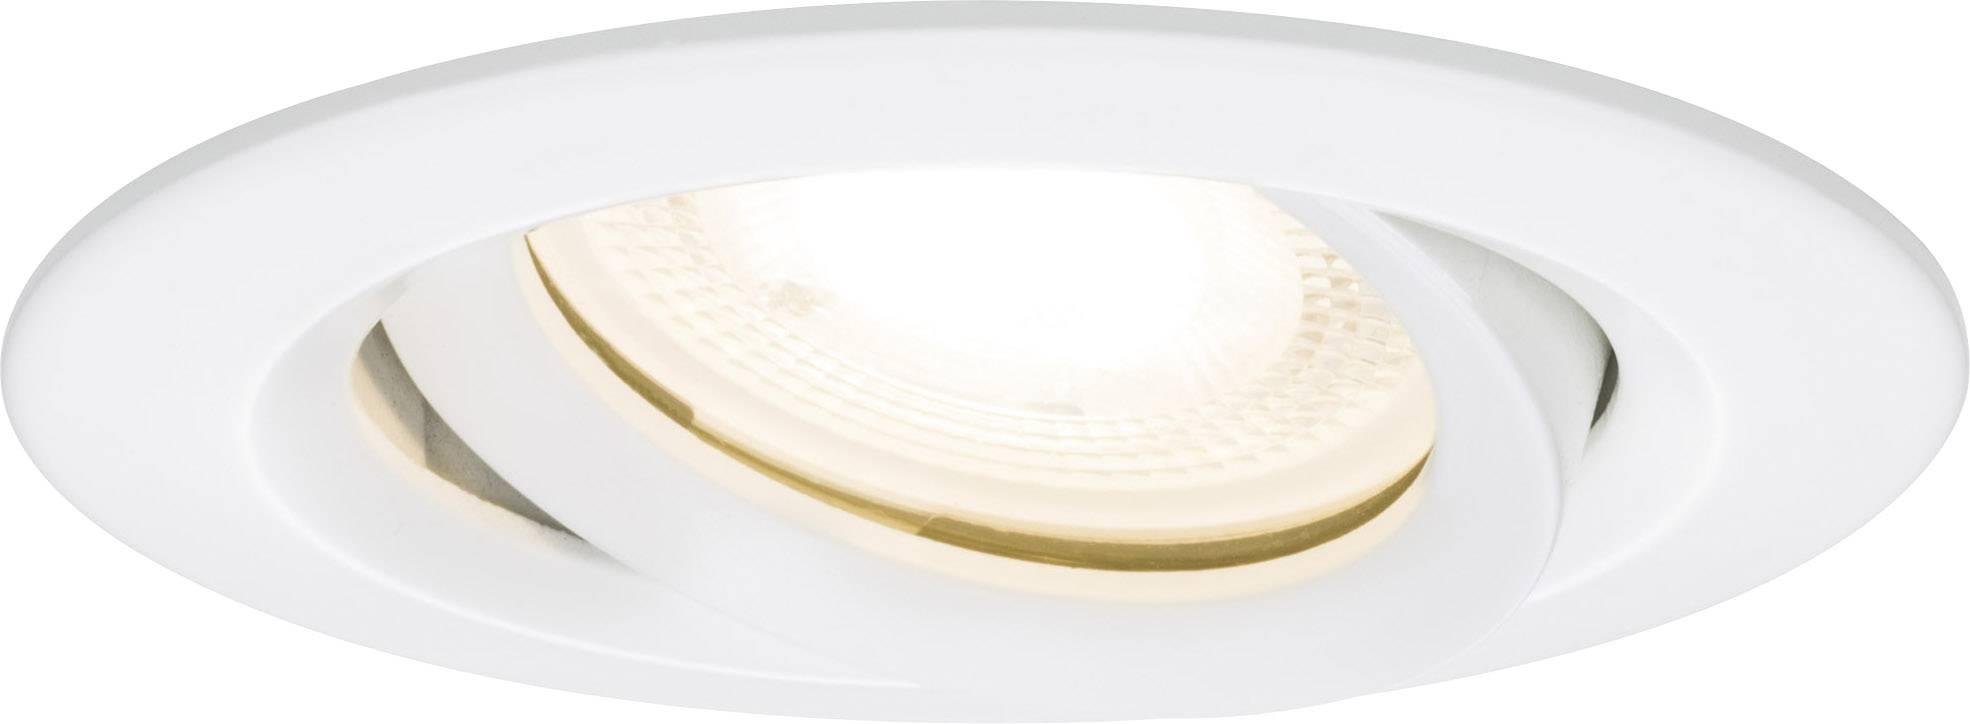 Vestavné svítidlo do koupelny - LED Paulmann Nova 92898, 21 W, sada 3 ks, bílá (matná)